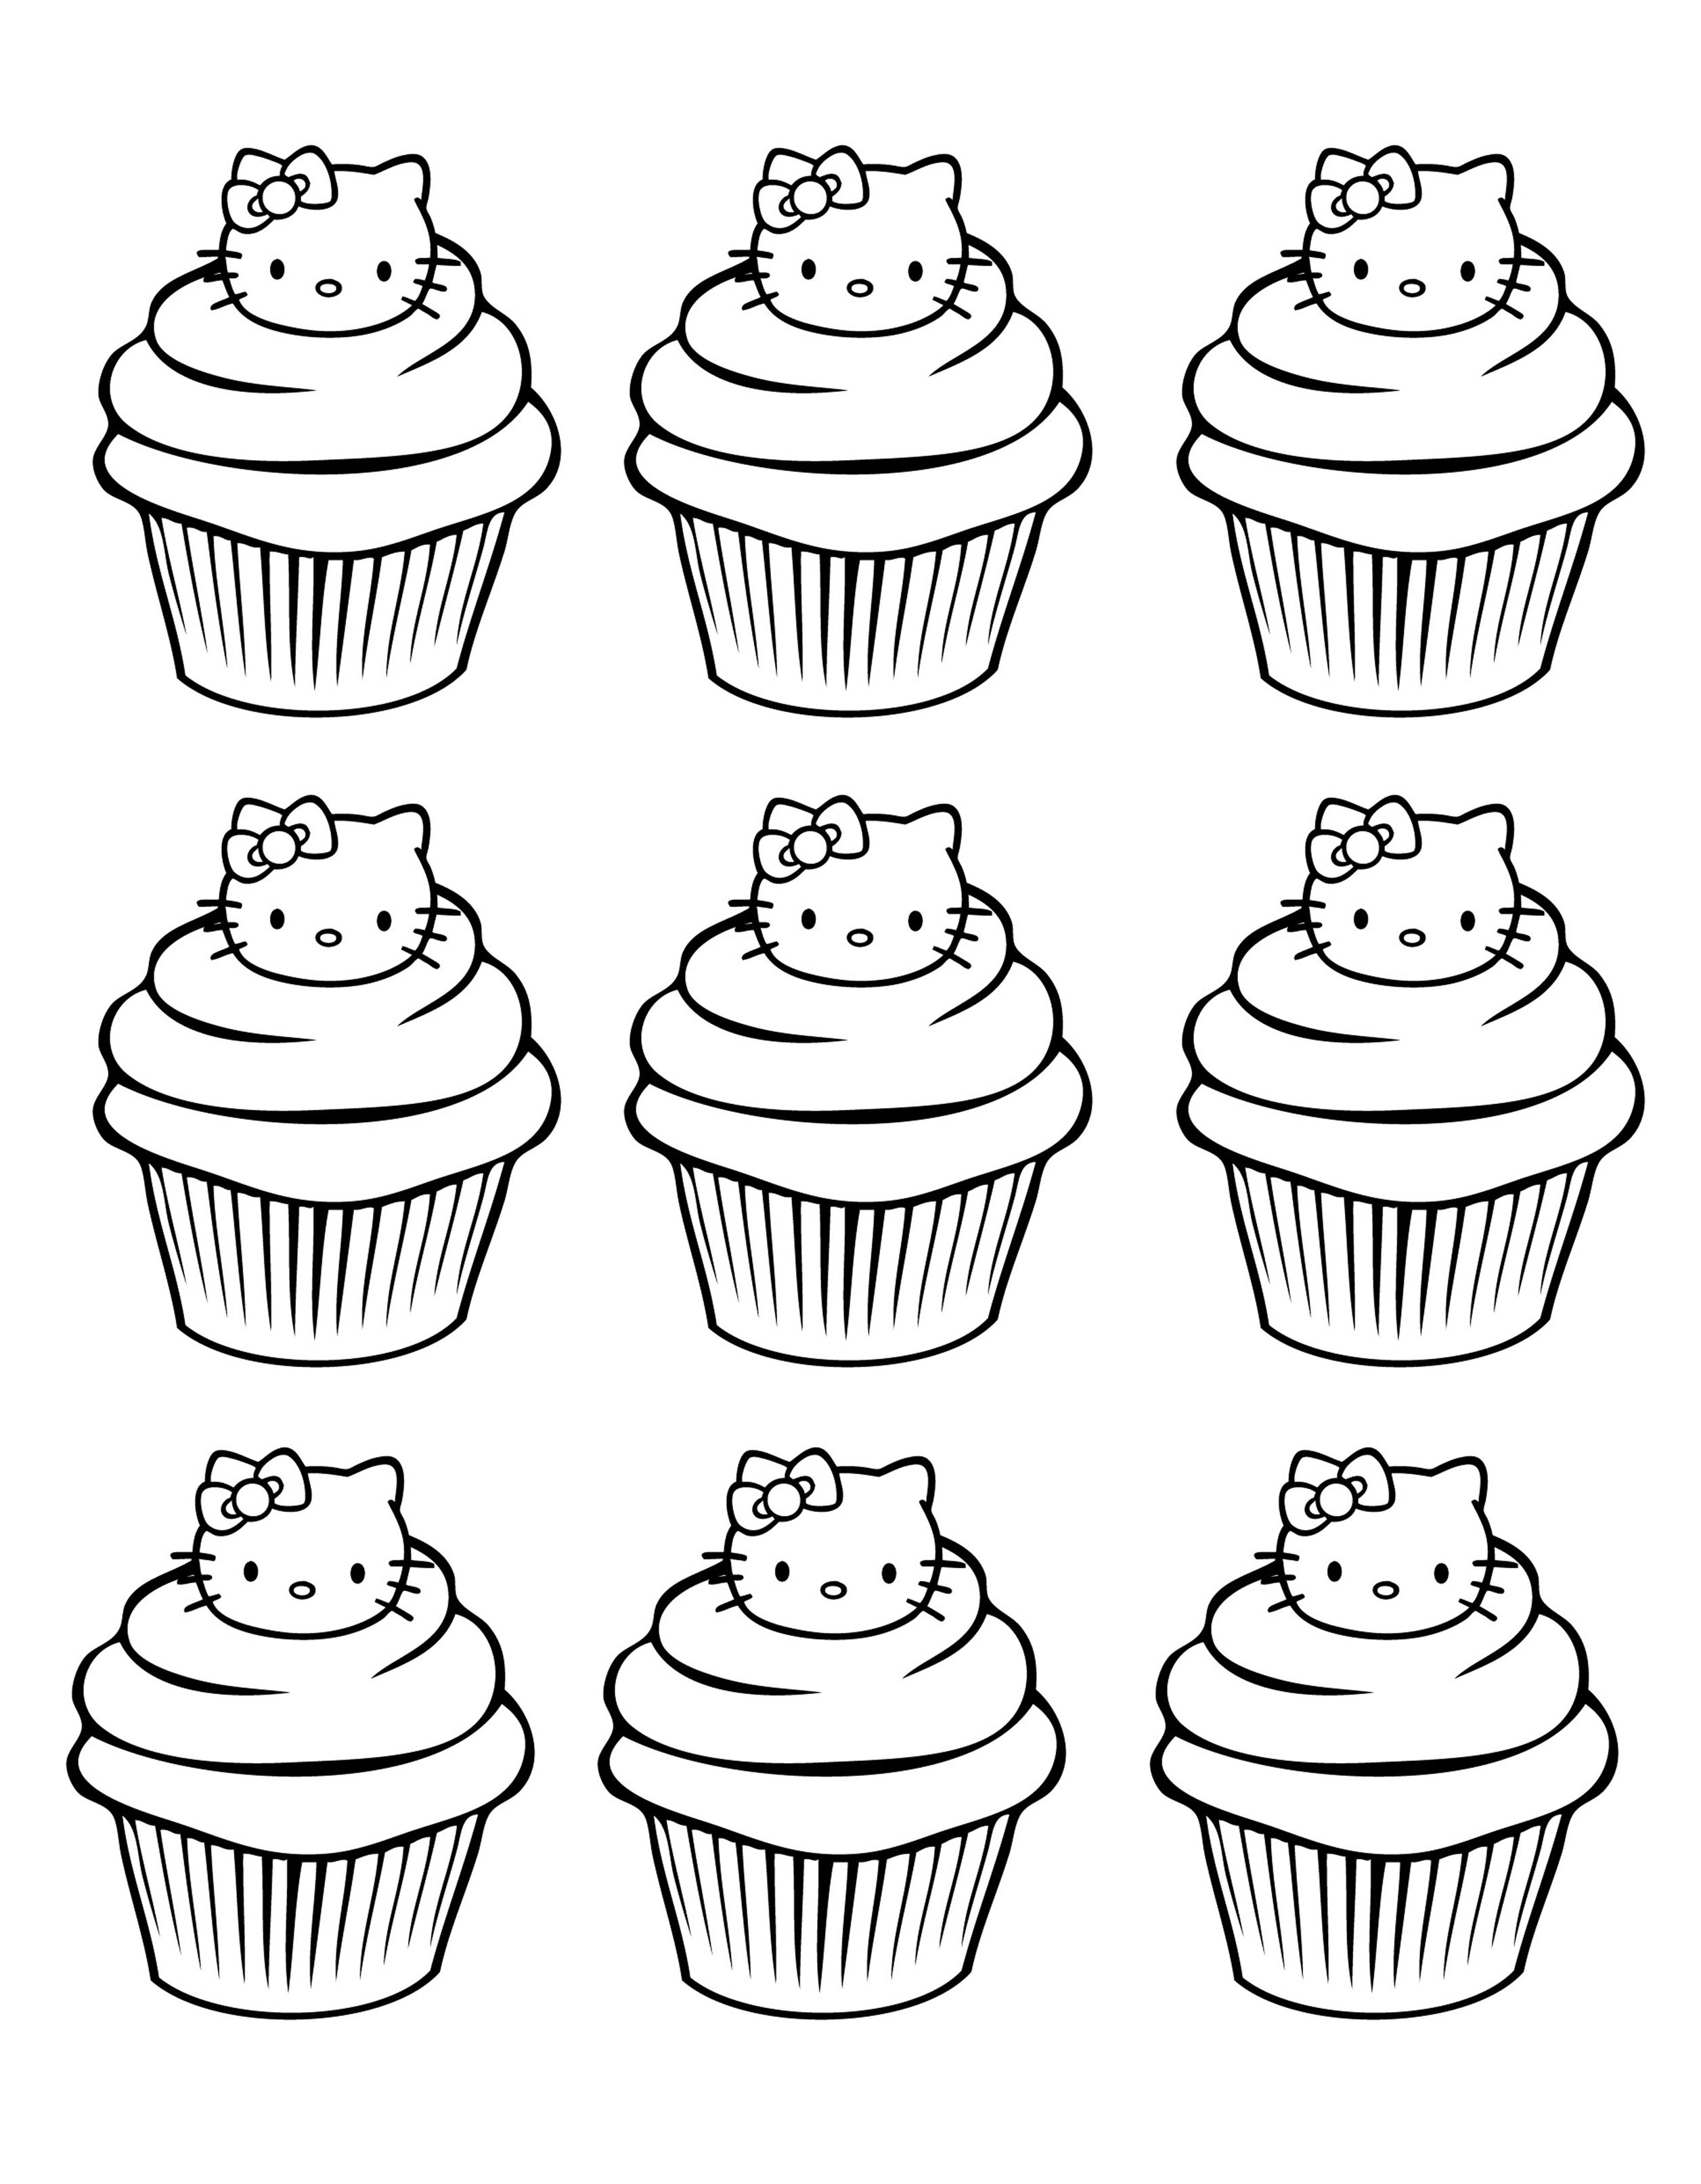 Disegni da colorare per adulti : Cup Cakes - 9